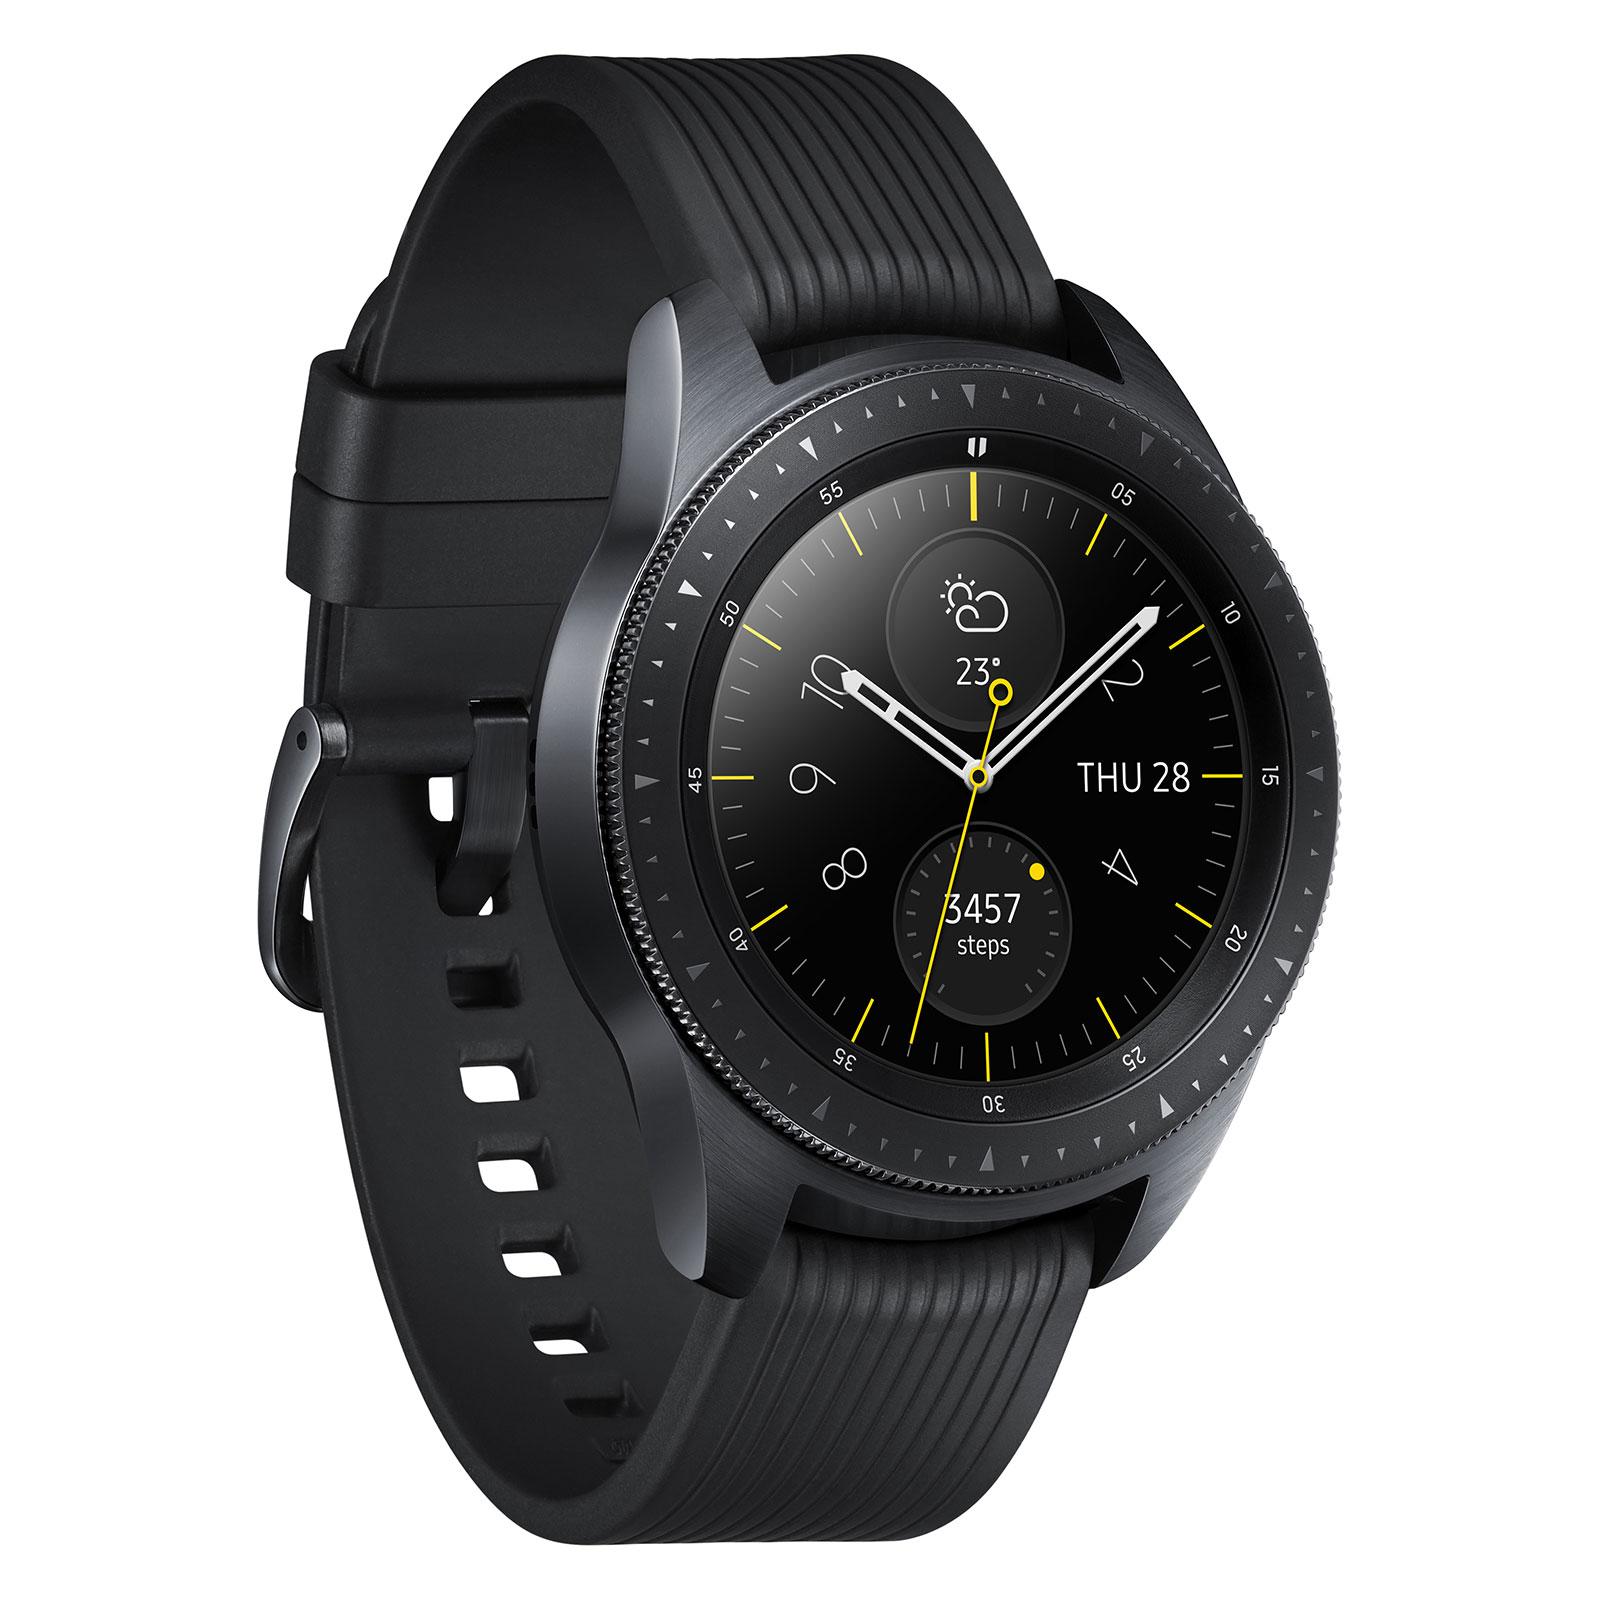 Montre Connectée Samsung Galaxy Watch - Noir (Vendeur Tiers)